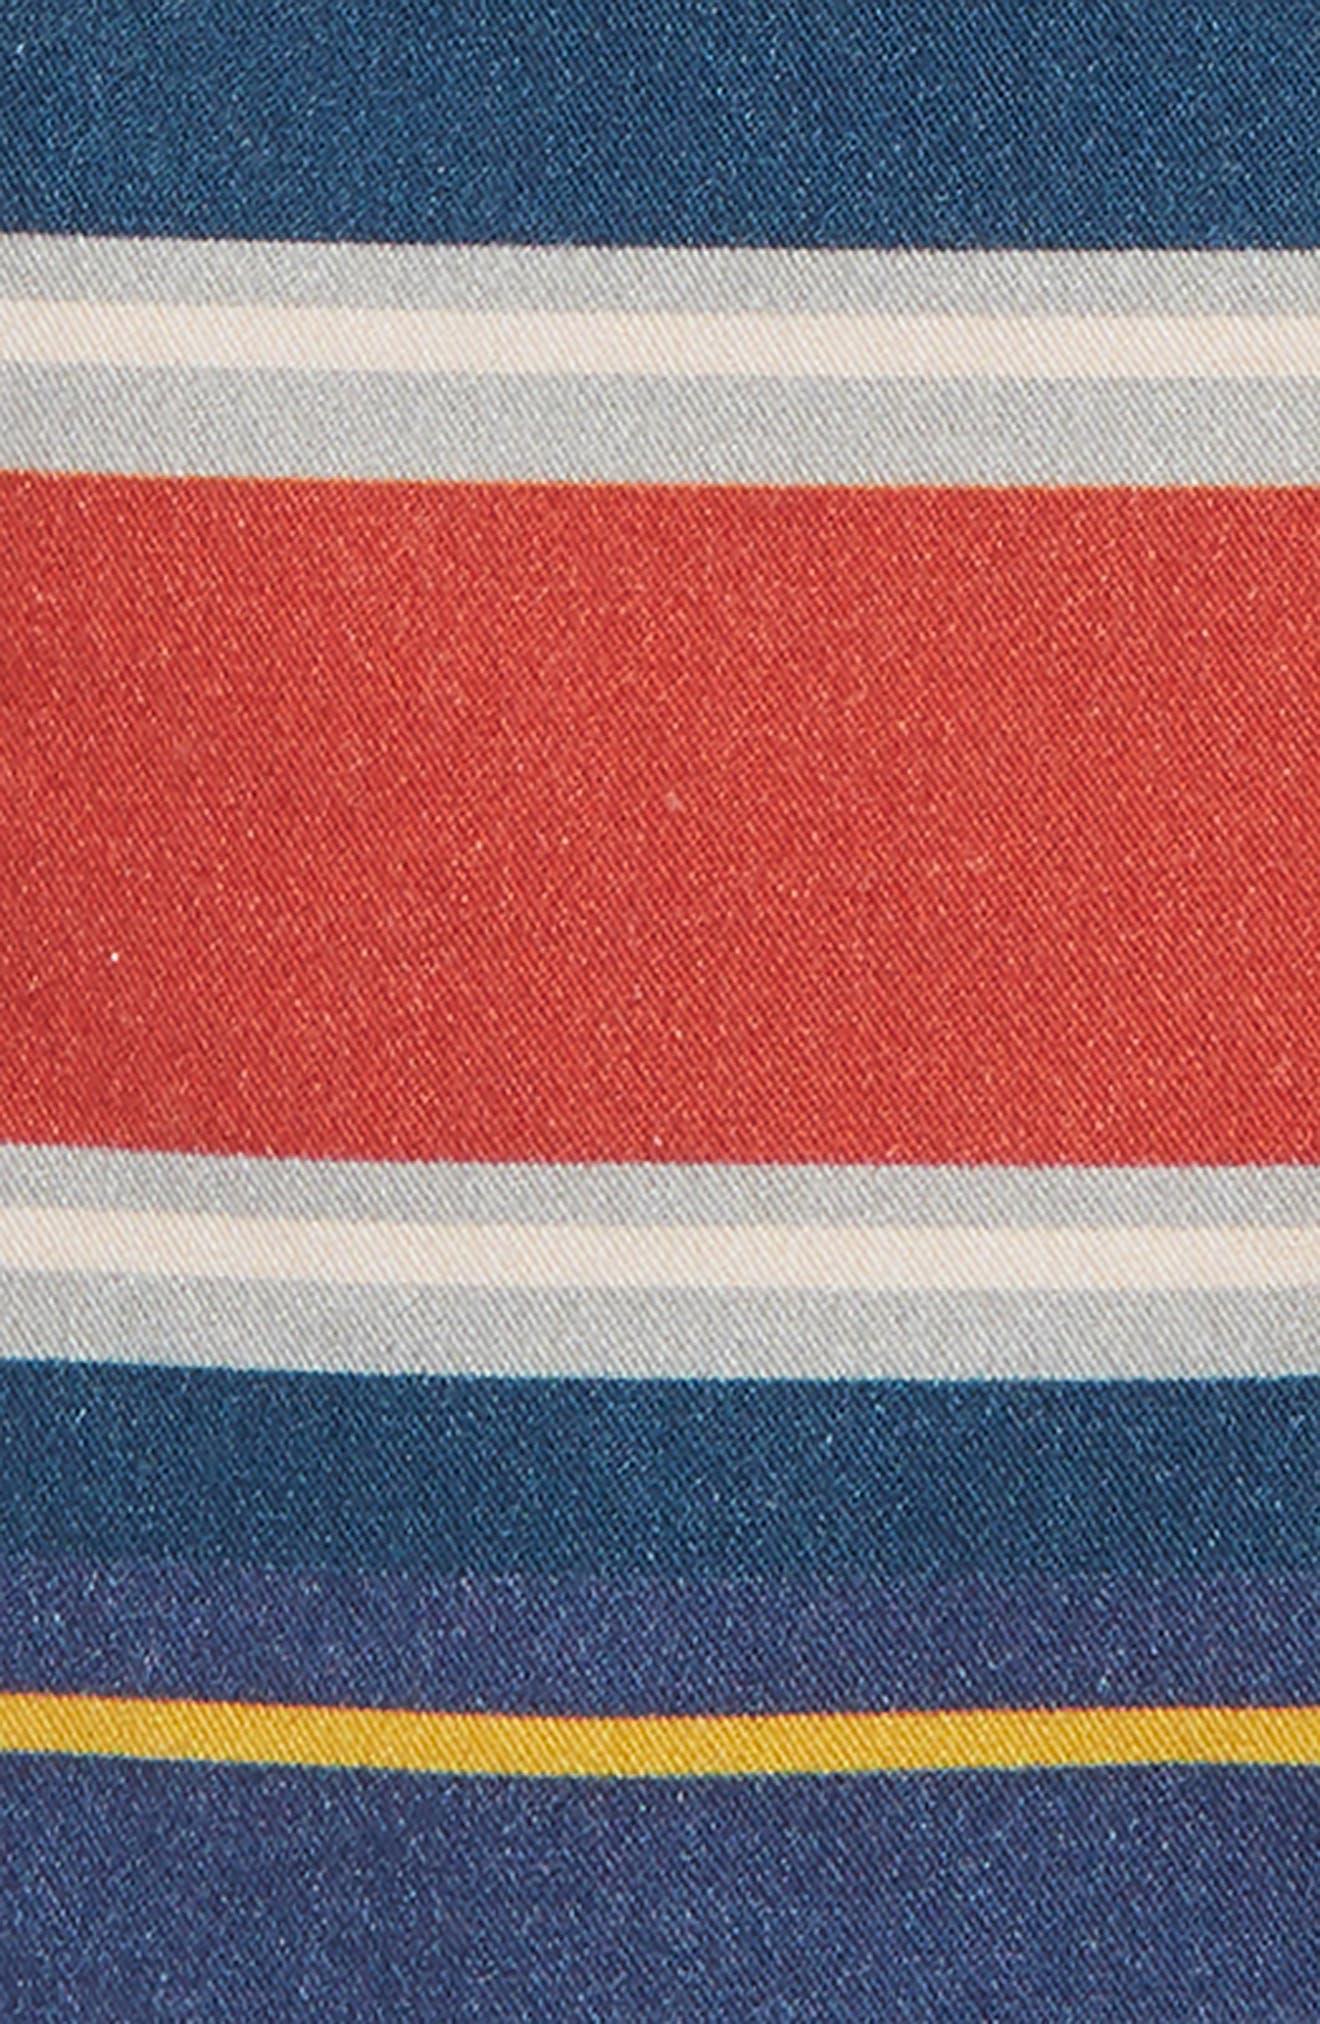 Peek Hudson Stripe Shorts,                             Alternate thumbnail 2, color,                             410